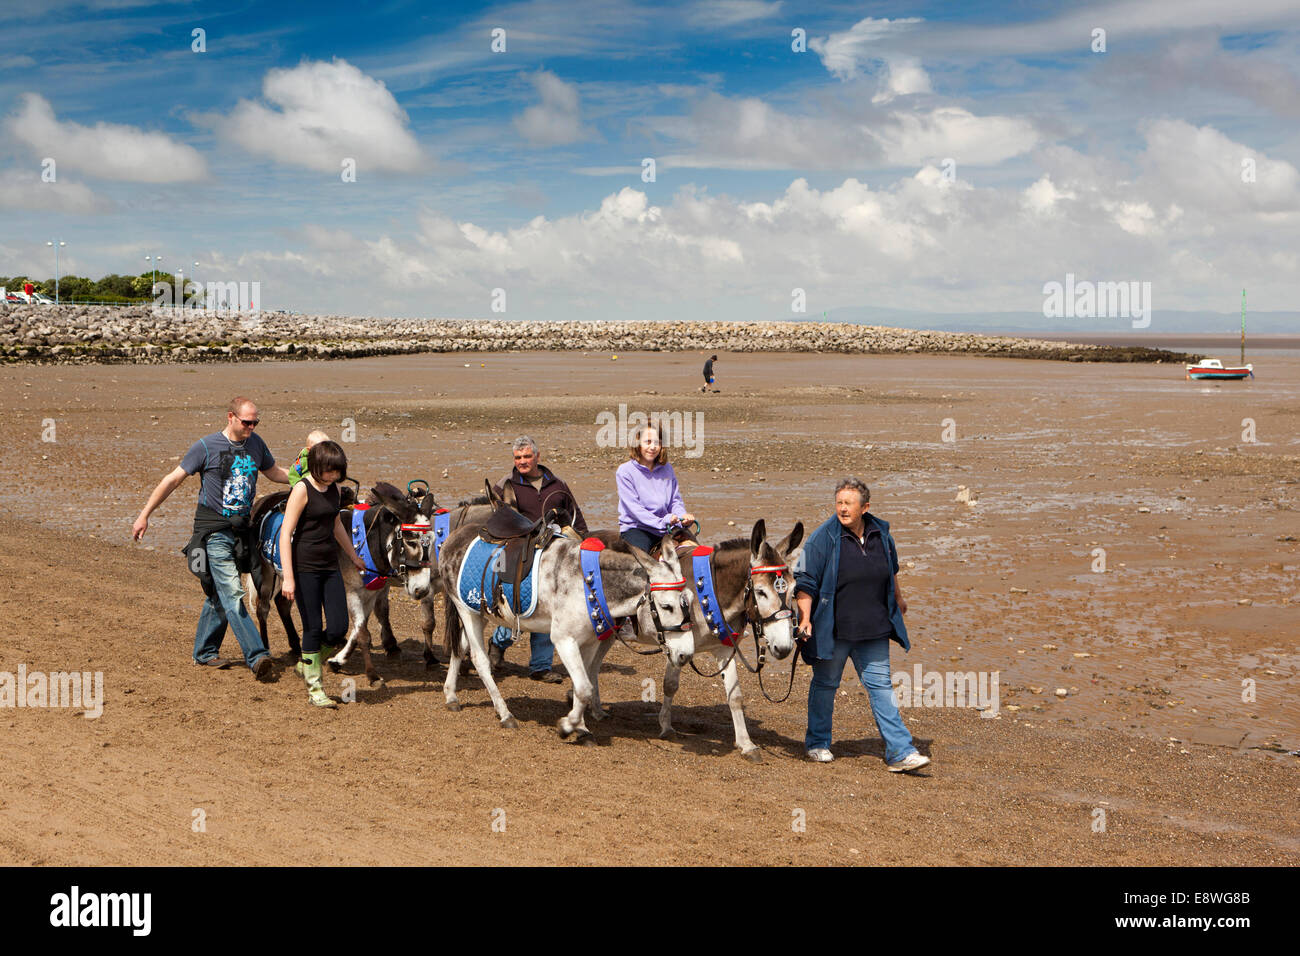 UK, England, Lancashire, Morecambe, sandcastle festival, donkey rides on the beach Stock Photo